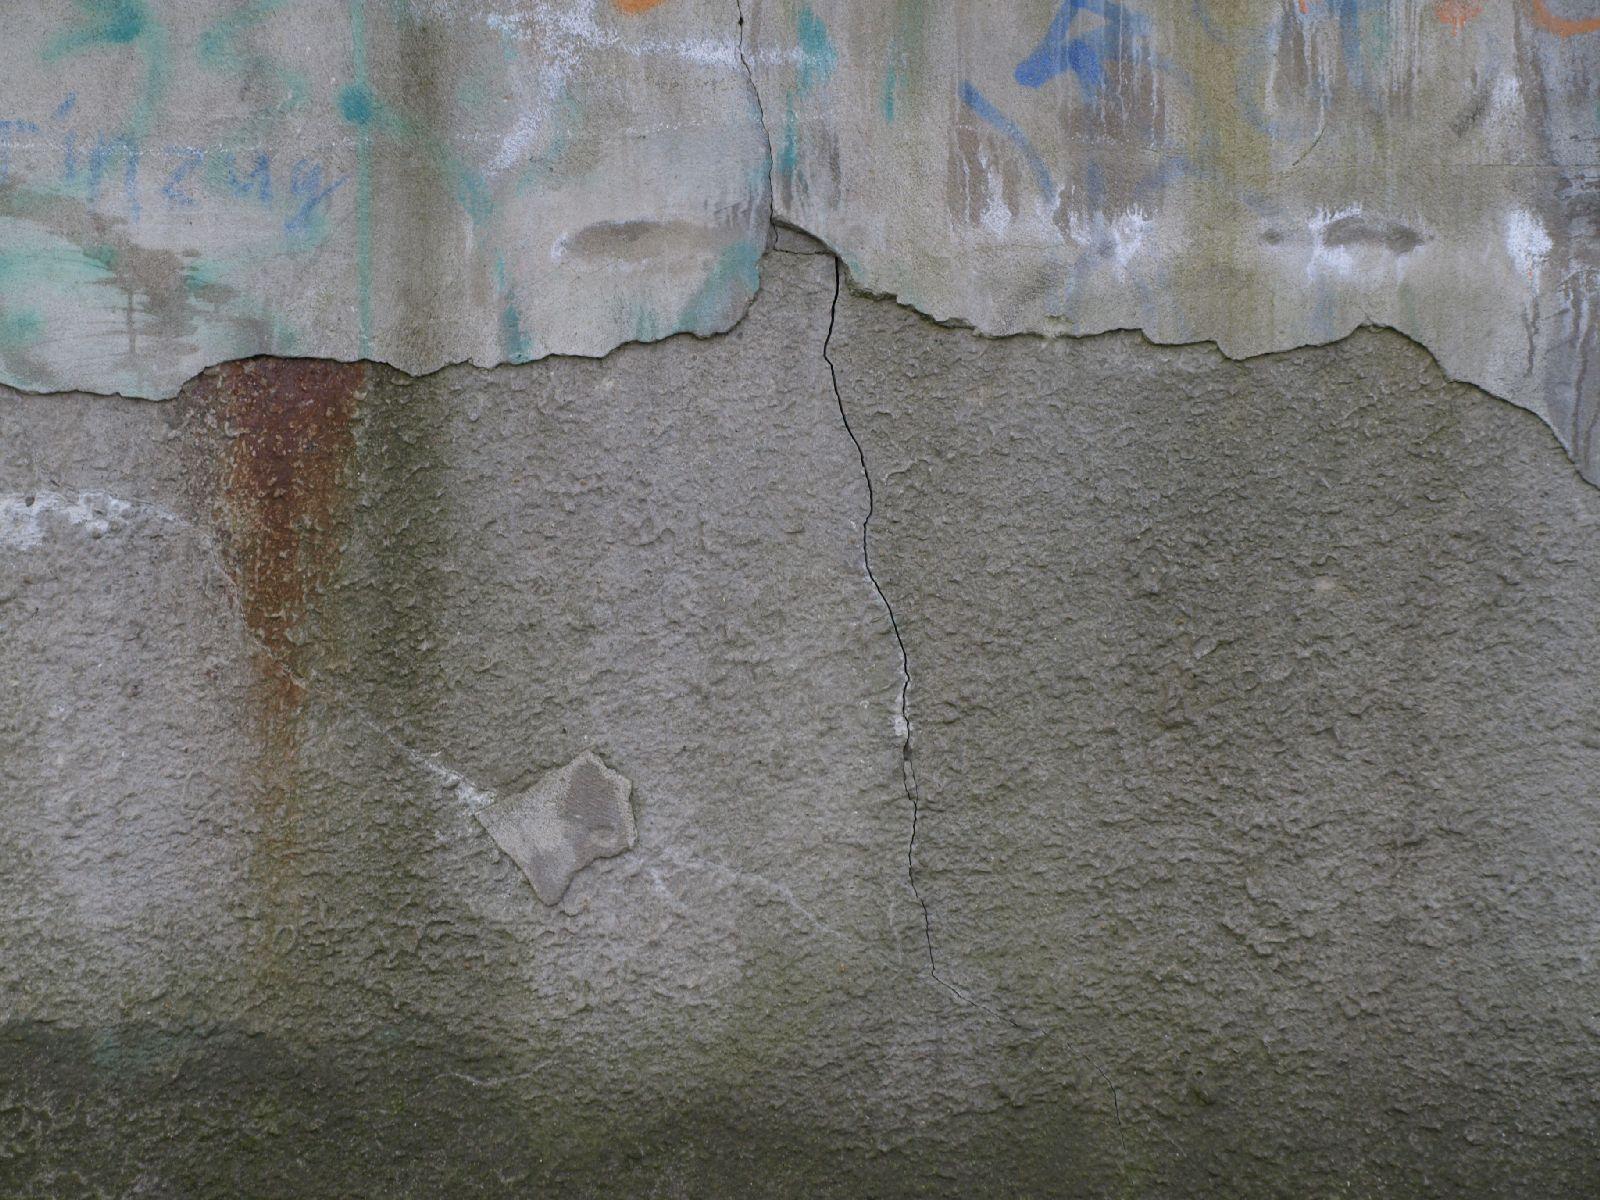 Grunge-Dreck_Textur_A_P4120905